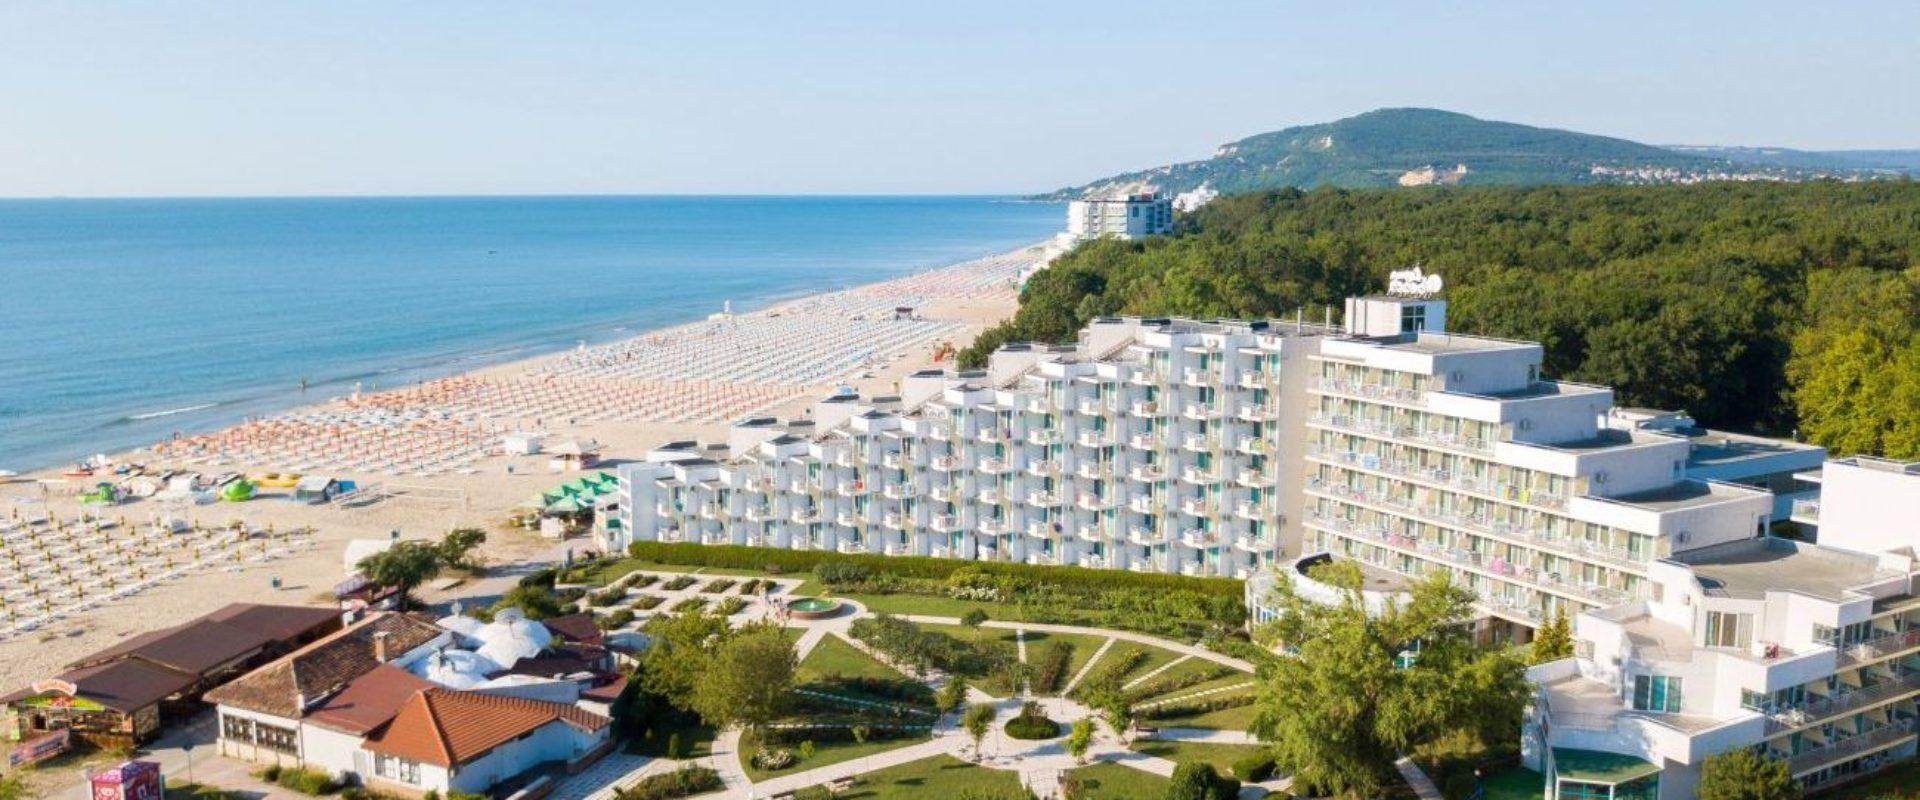 Всё включено в Болгарии, Албена, Отель Laguna Beach